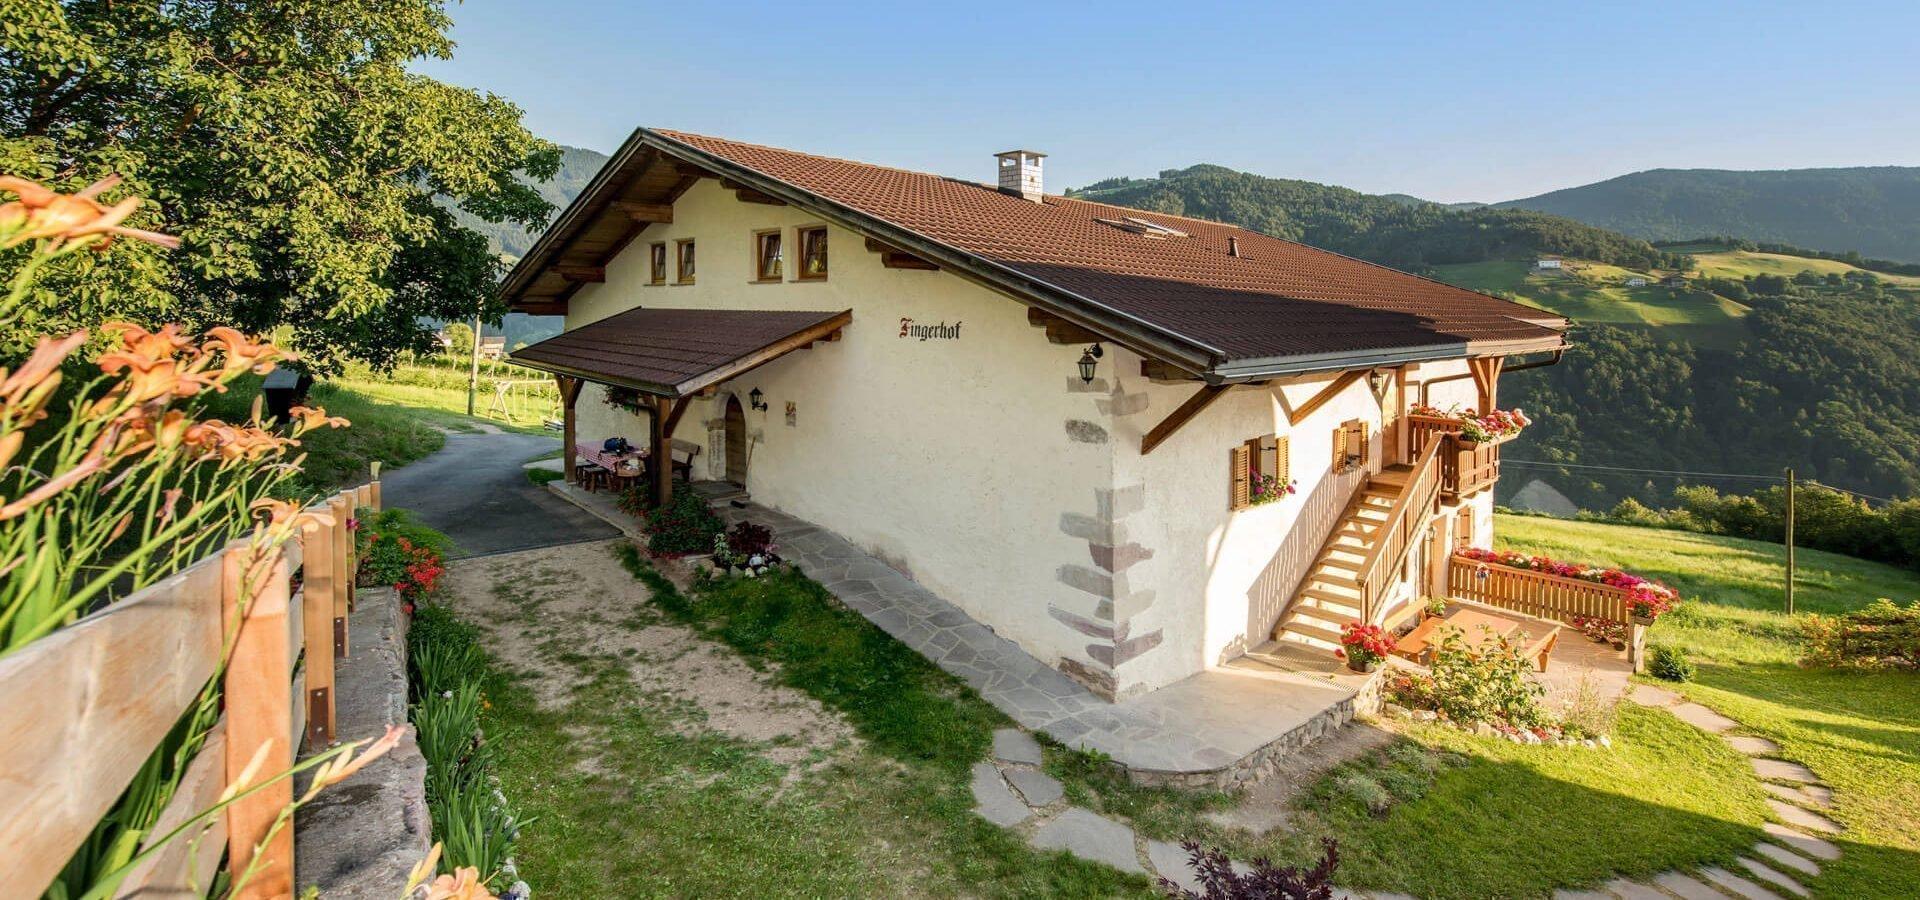 Urlaub auf dem Bauernhof in Völs am Schlern - Südtirol